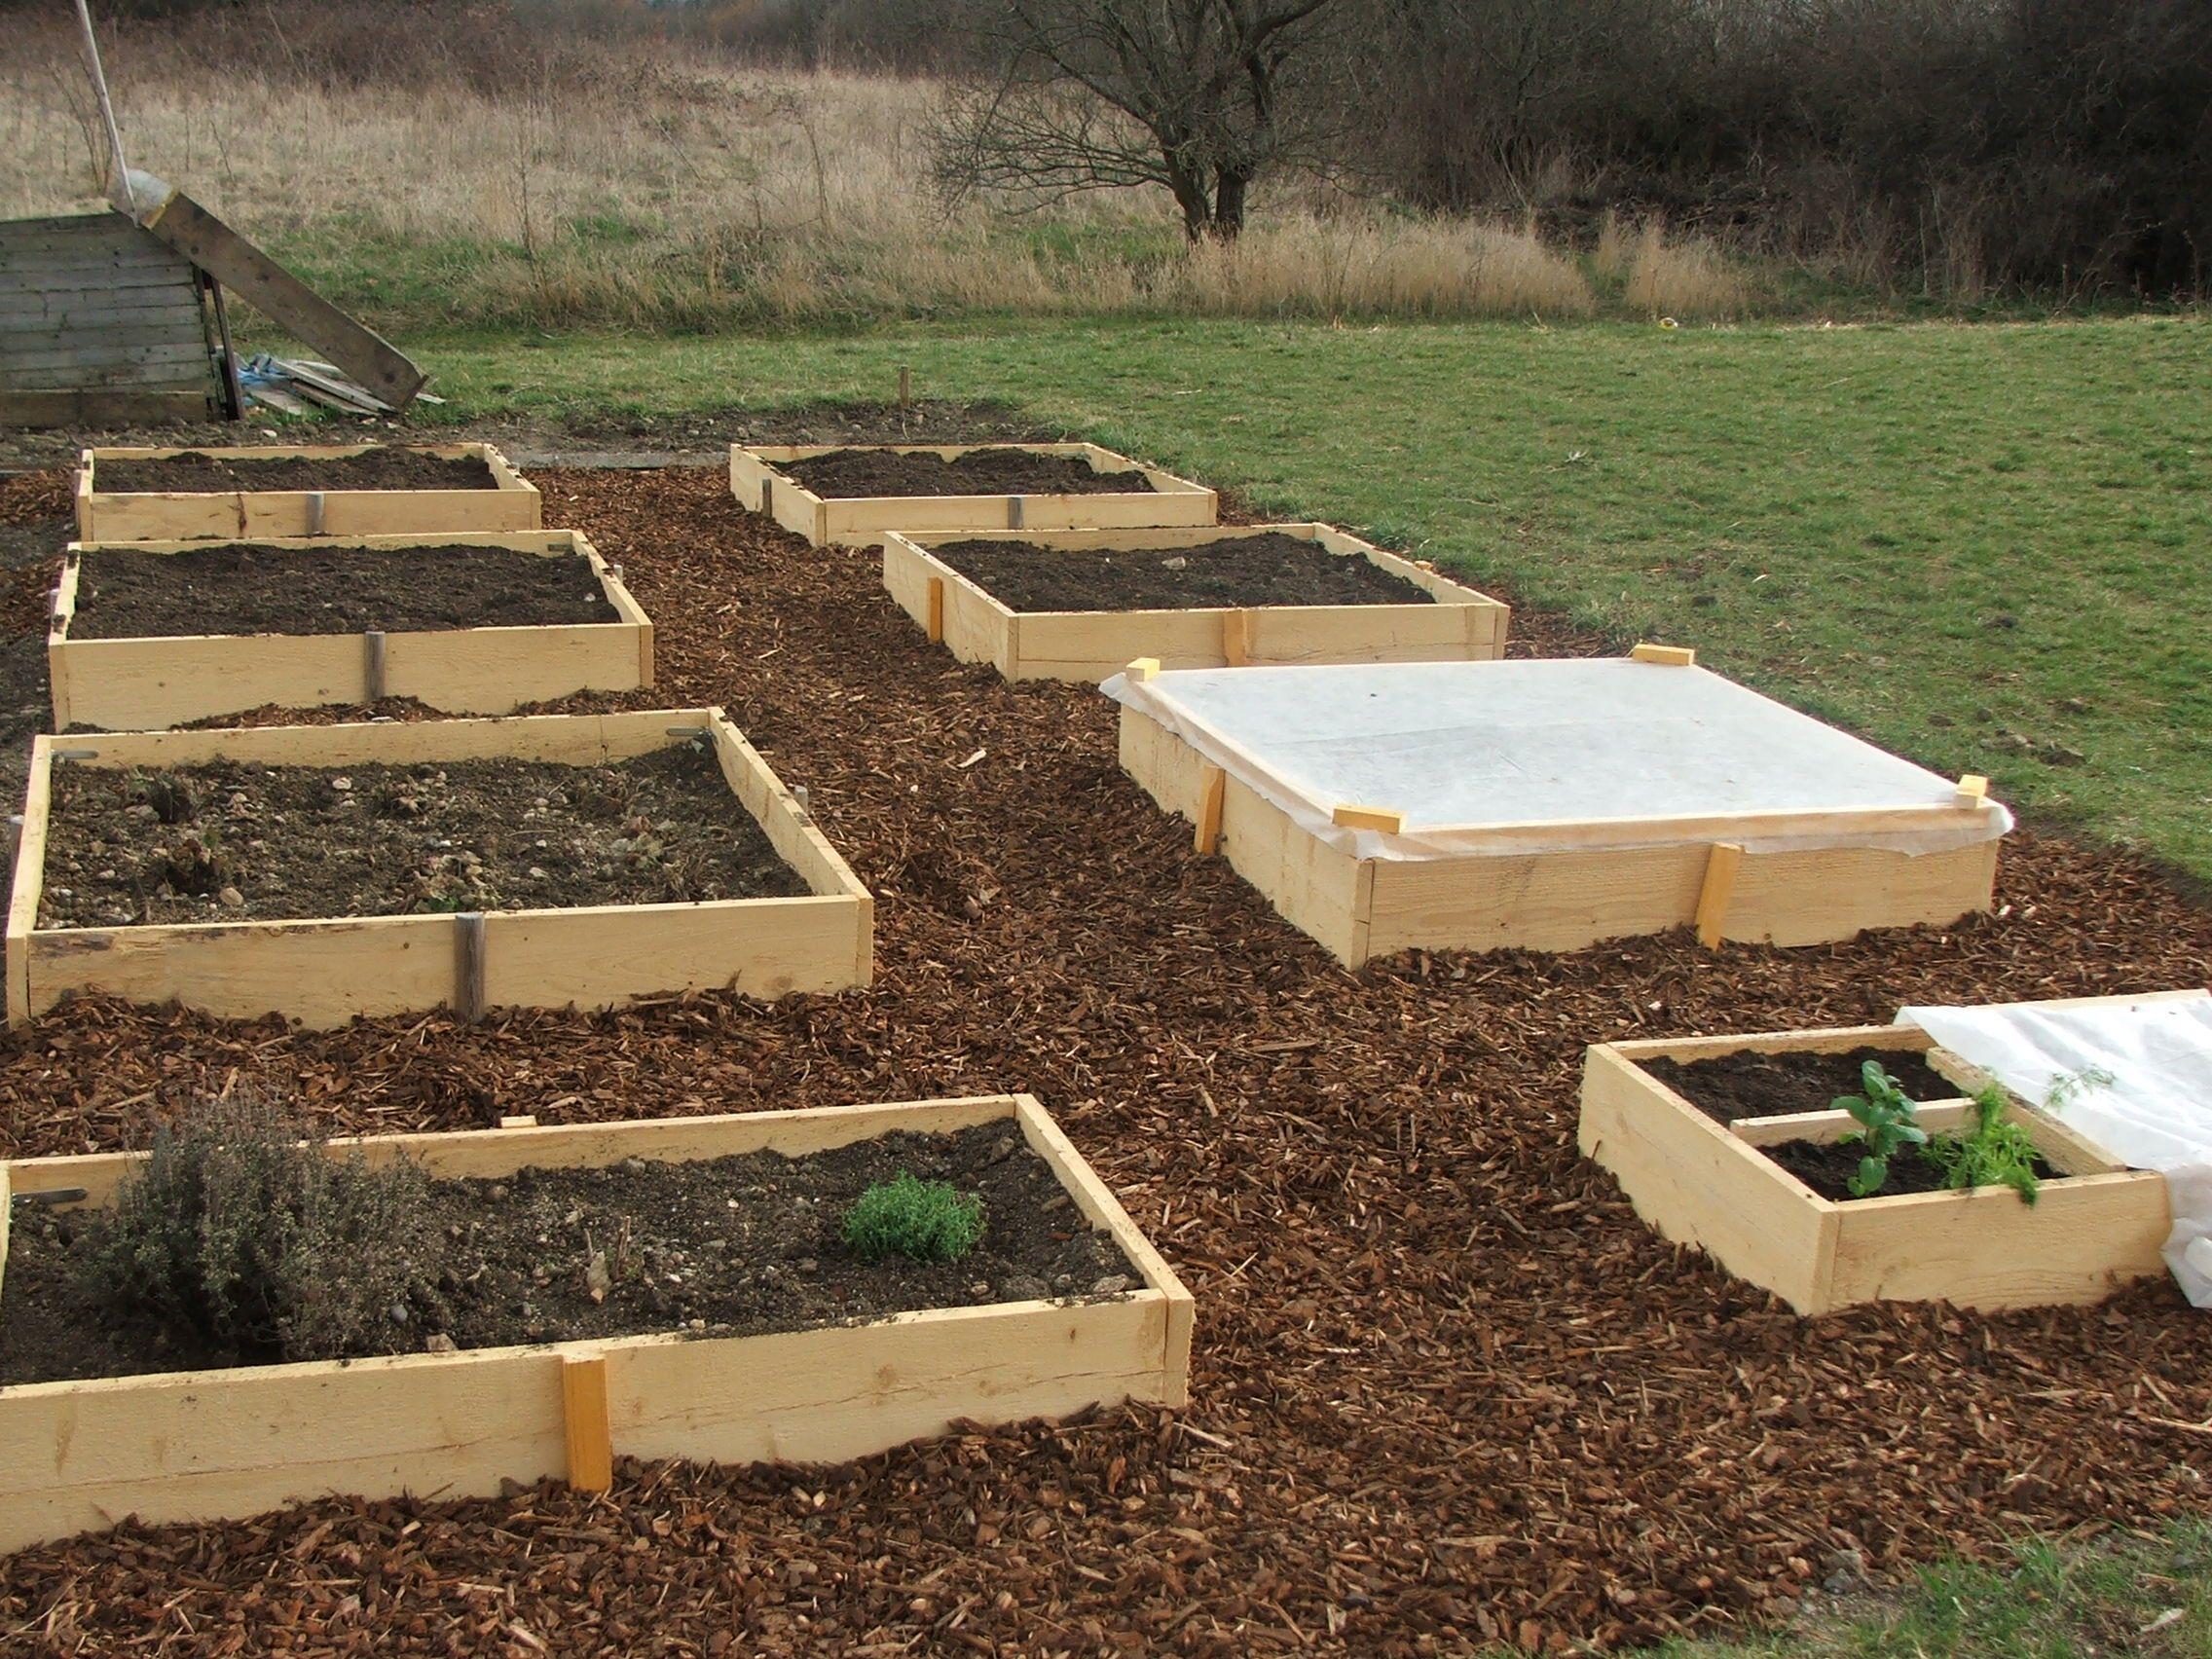 Résultats De Recherche D'images Pour « Jardin Sureleve En ... serapportantà Jardin Surélevé Bois